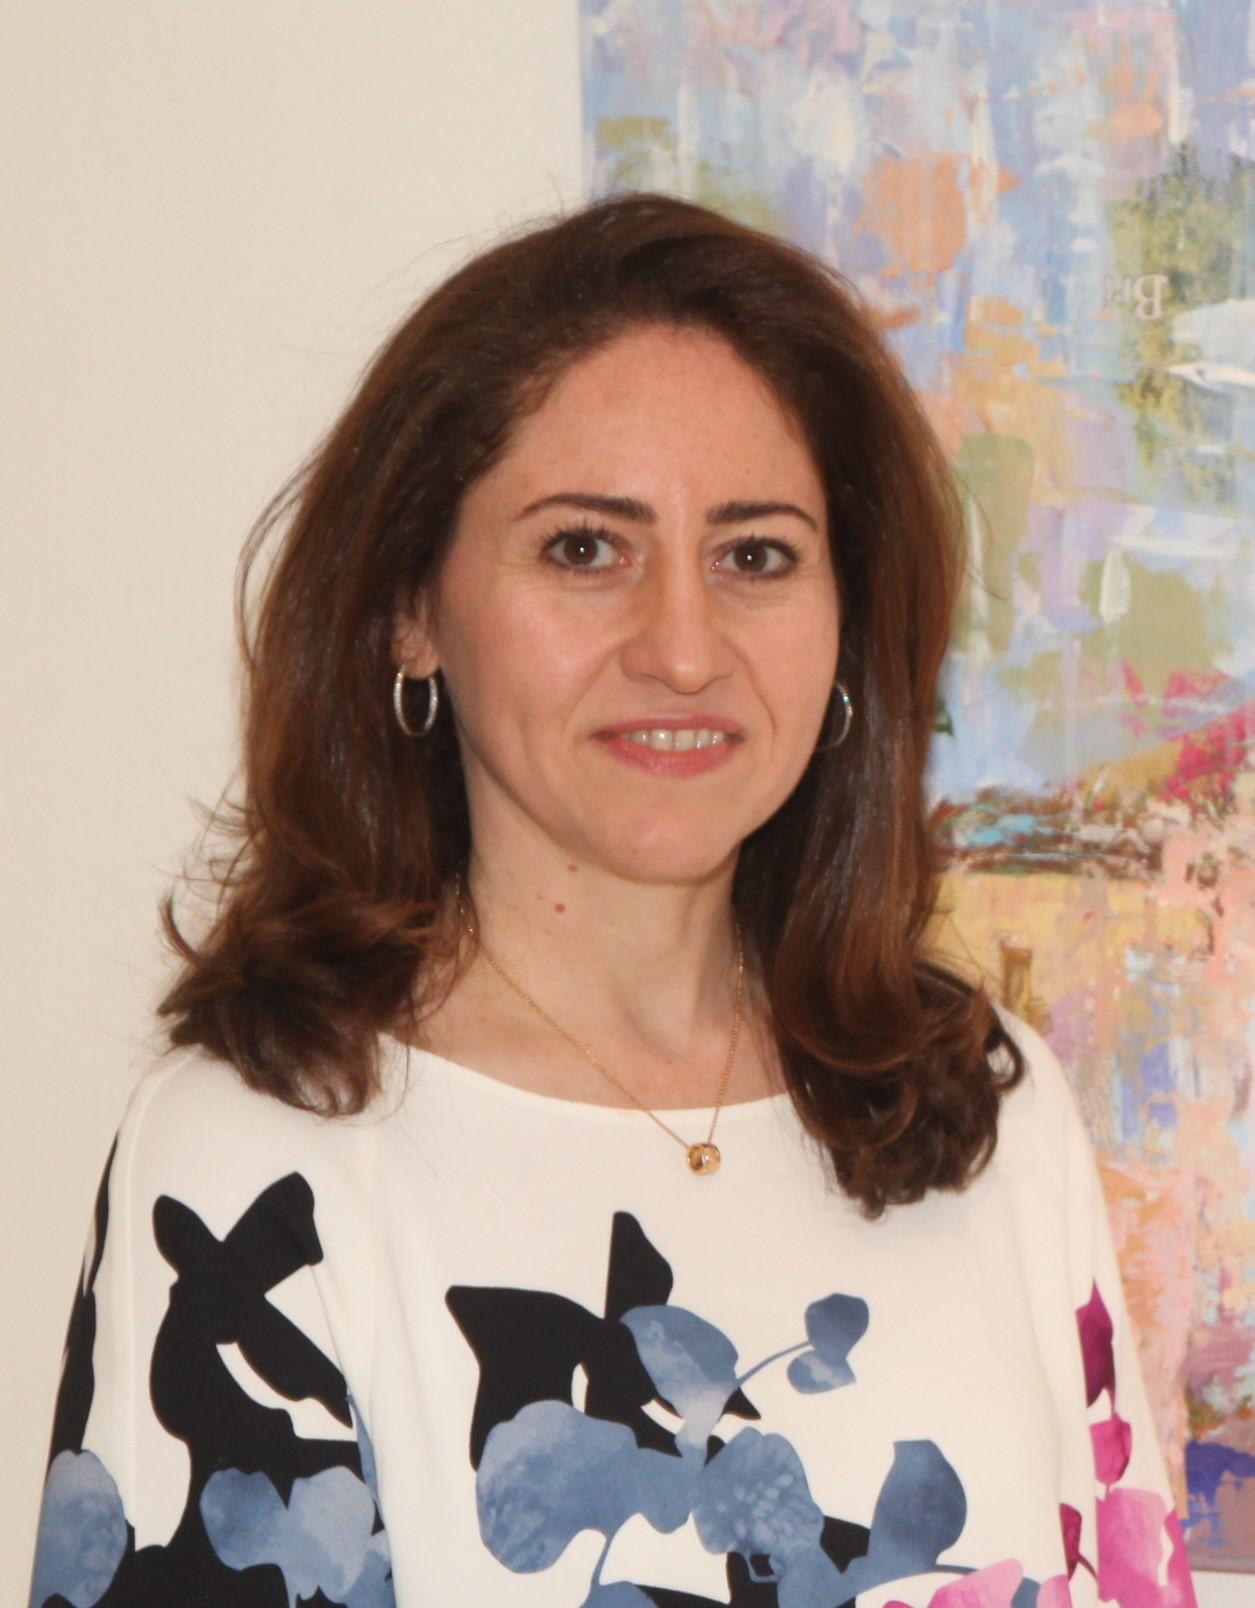 Dalia Ali photo.JPG